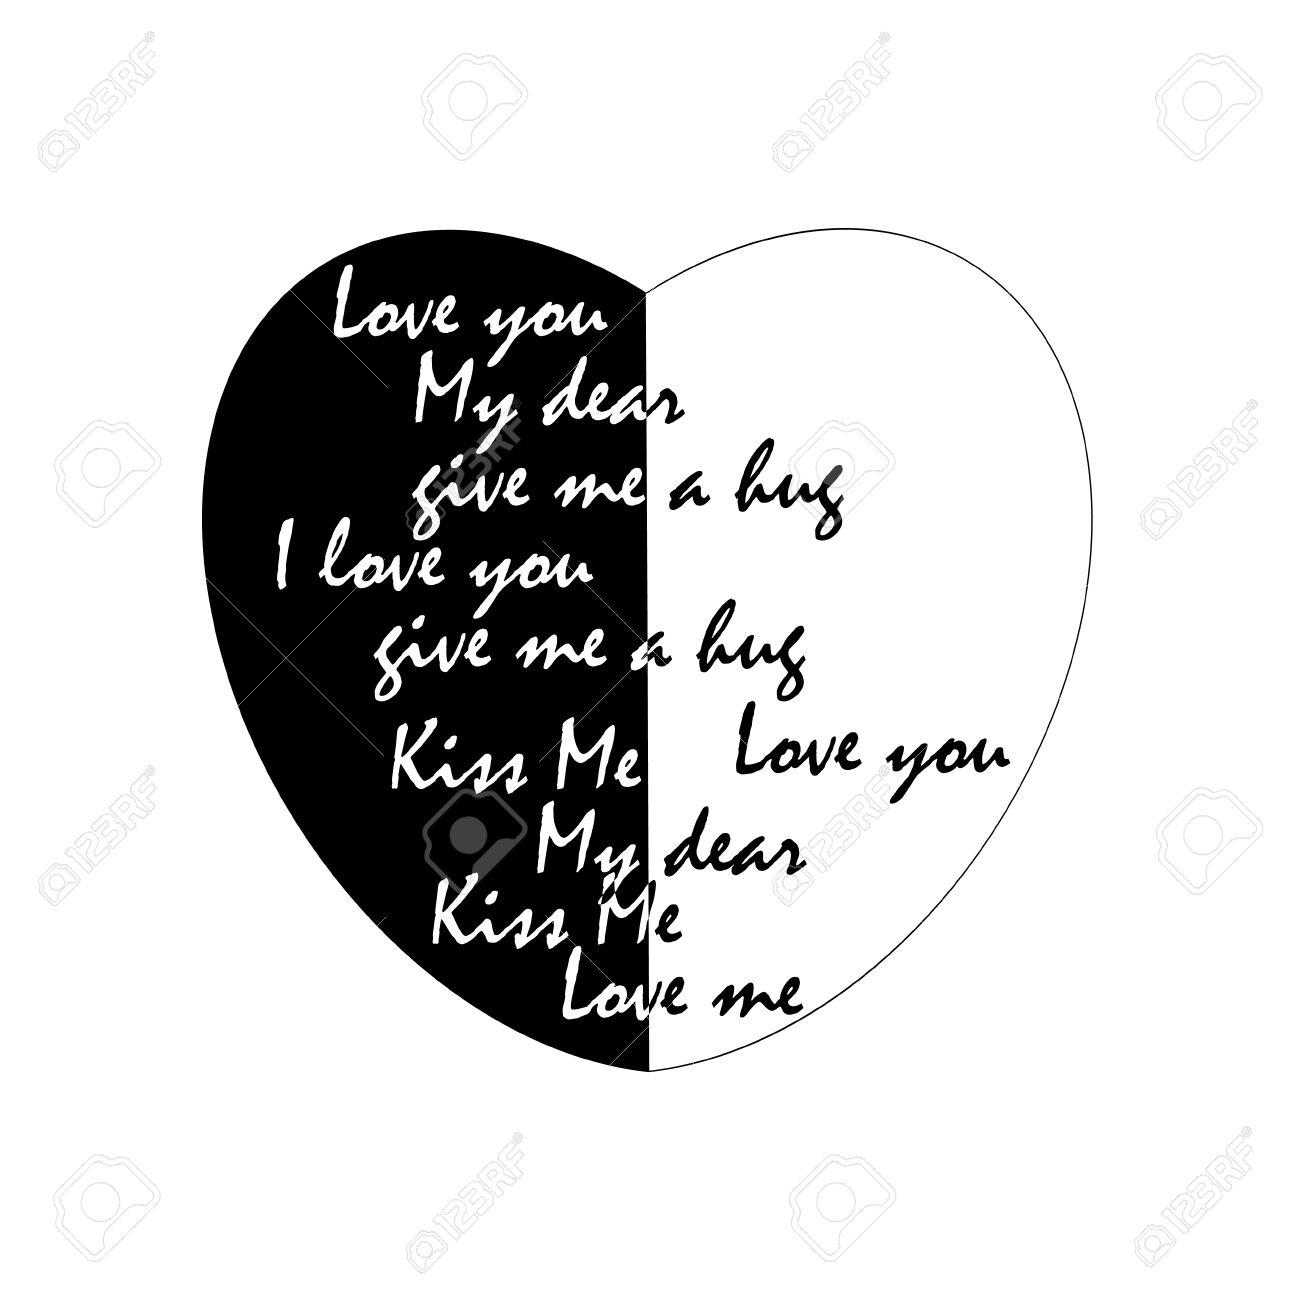 Letras De Amor Sobre Un Fondo Blanco Y Negro Tarjetas Invitaciones